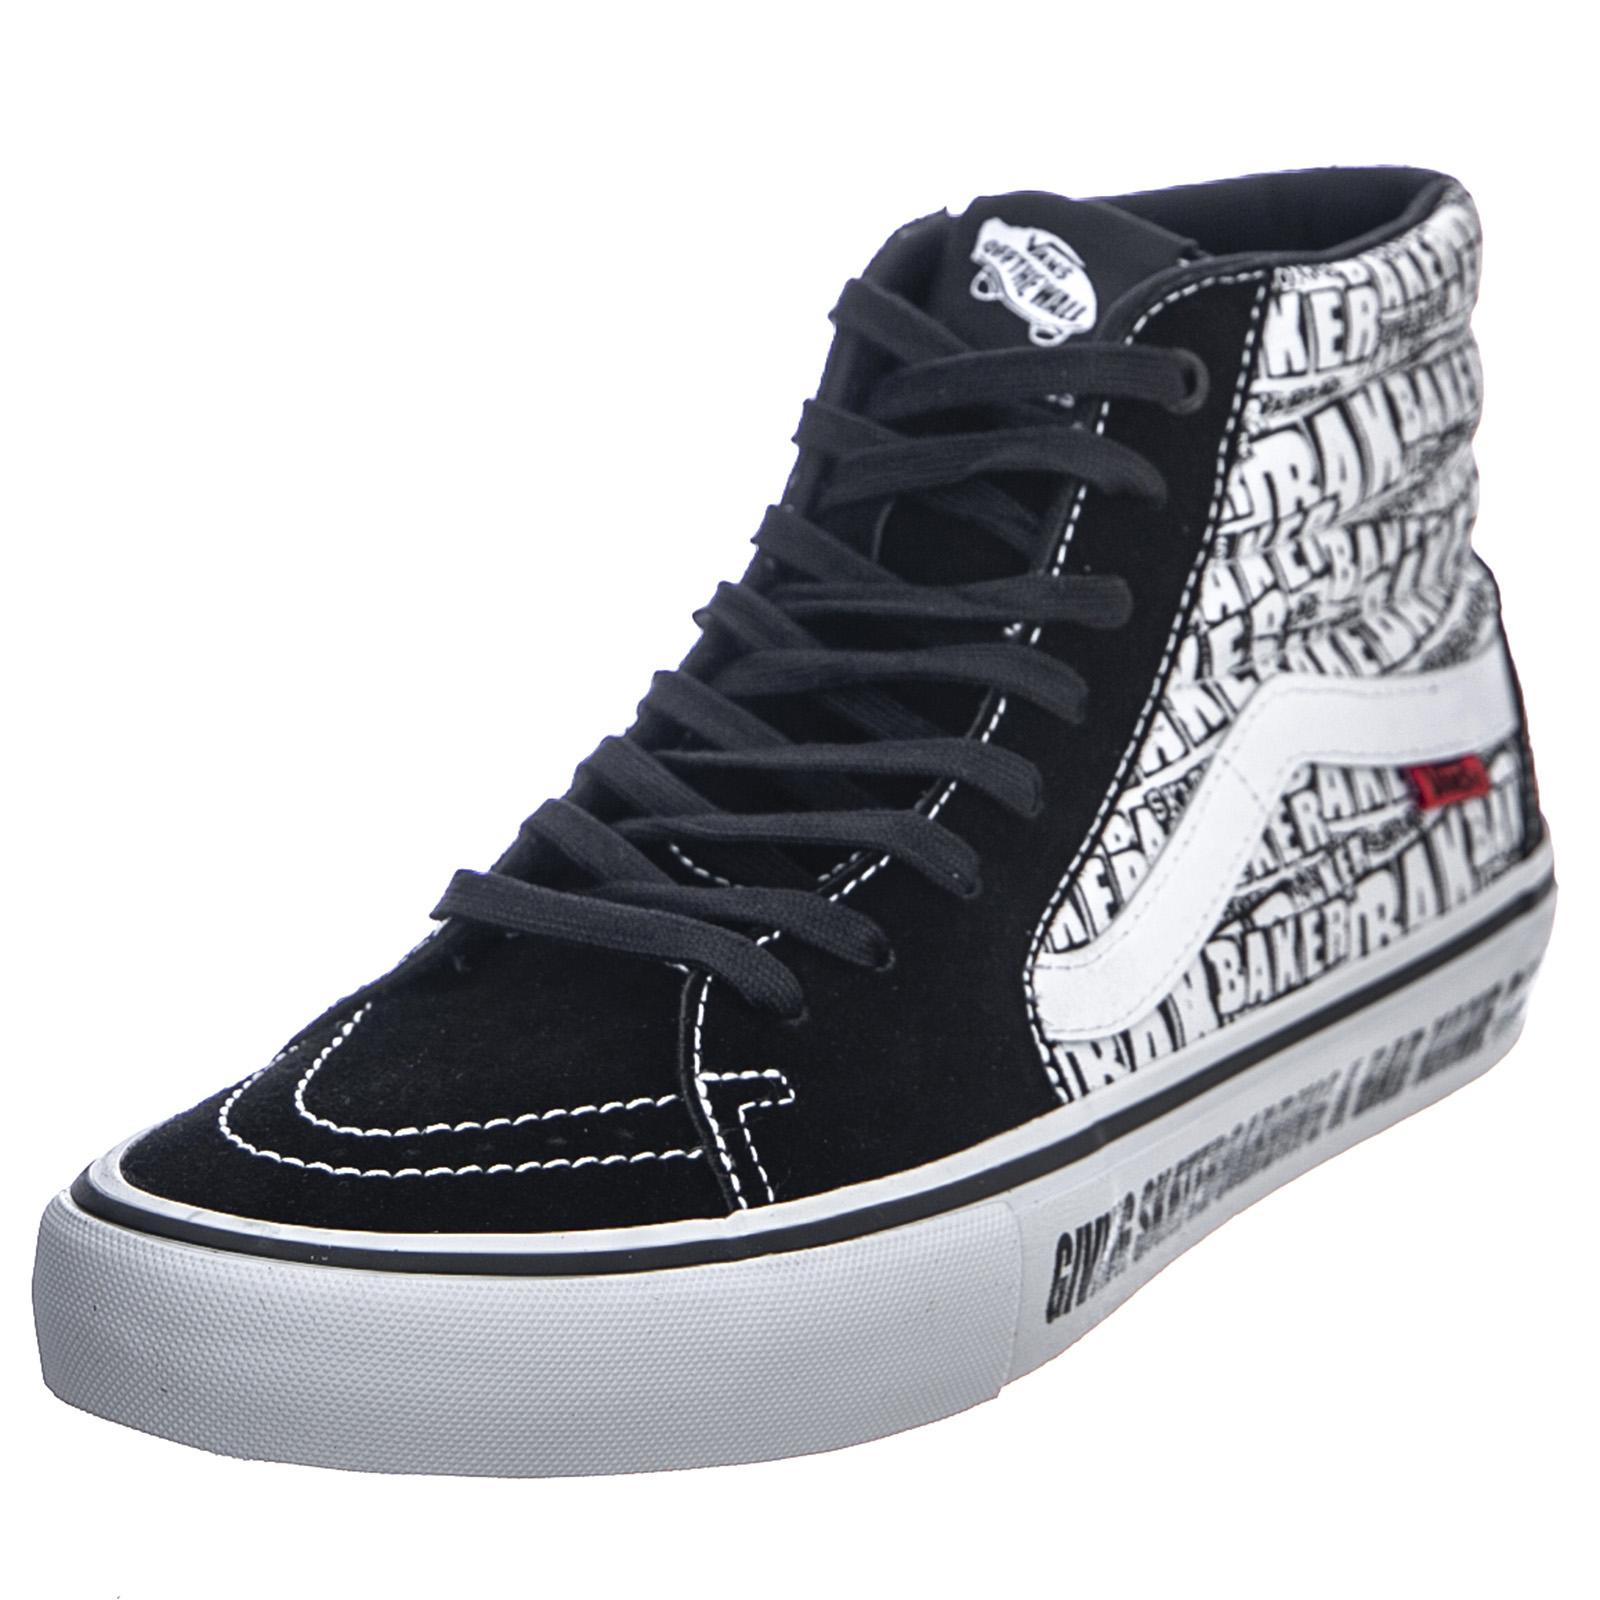 Vans Scarpe SK8 Hi Reissue Classic Tumble BlackTrue White, UomoDonna Bianco|Nero Sneakers alte